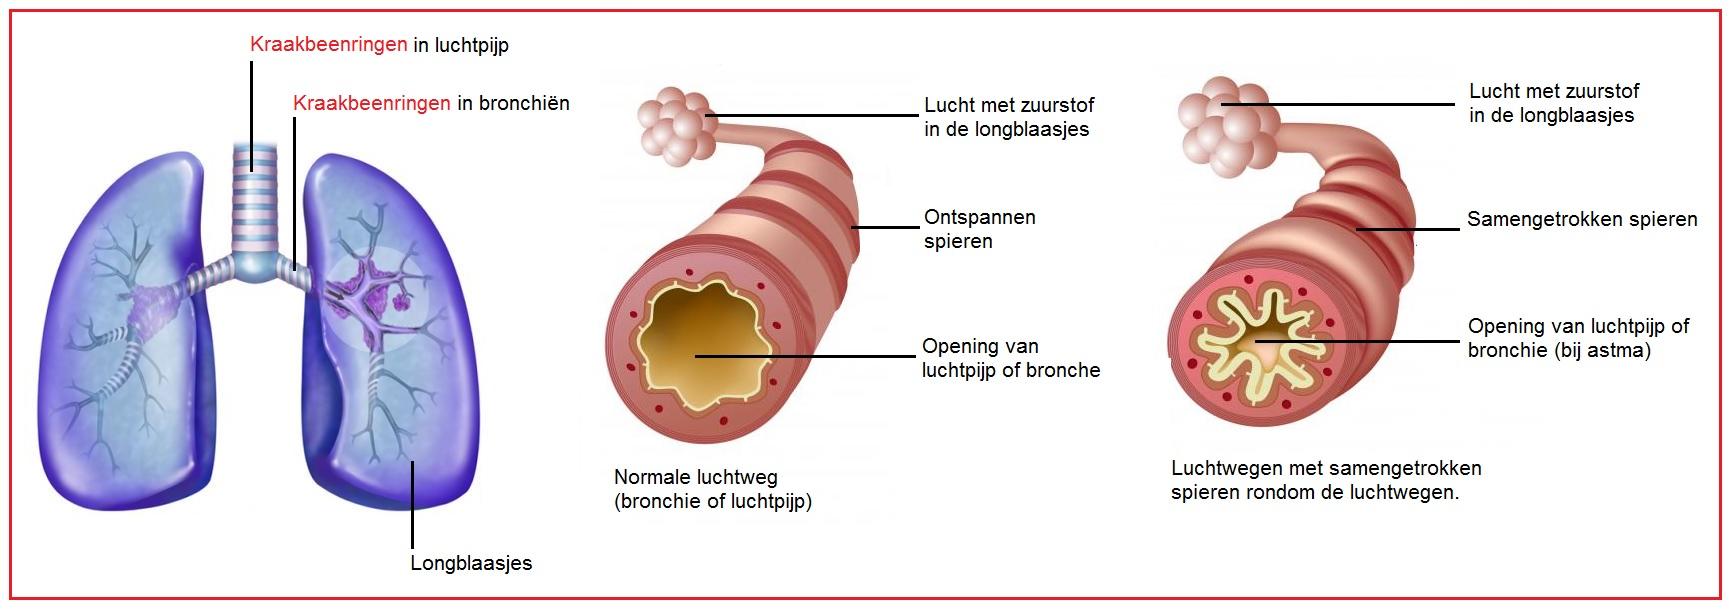 Kraakbeenringen